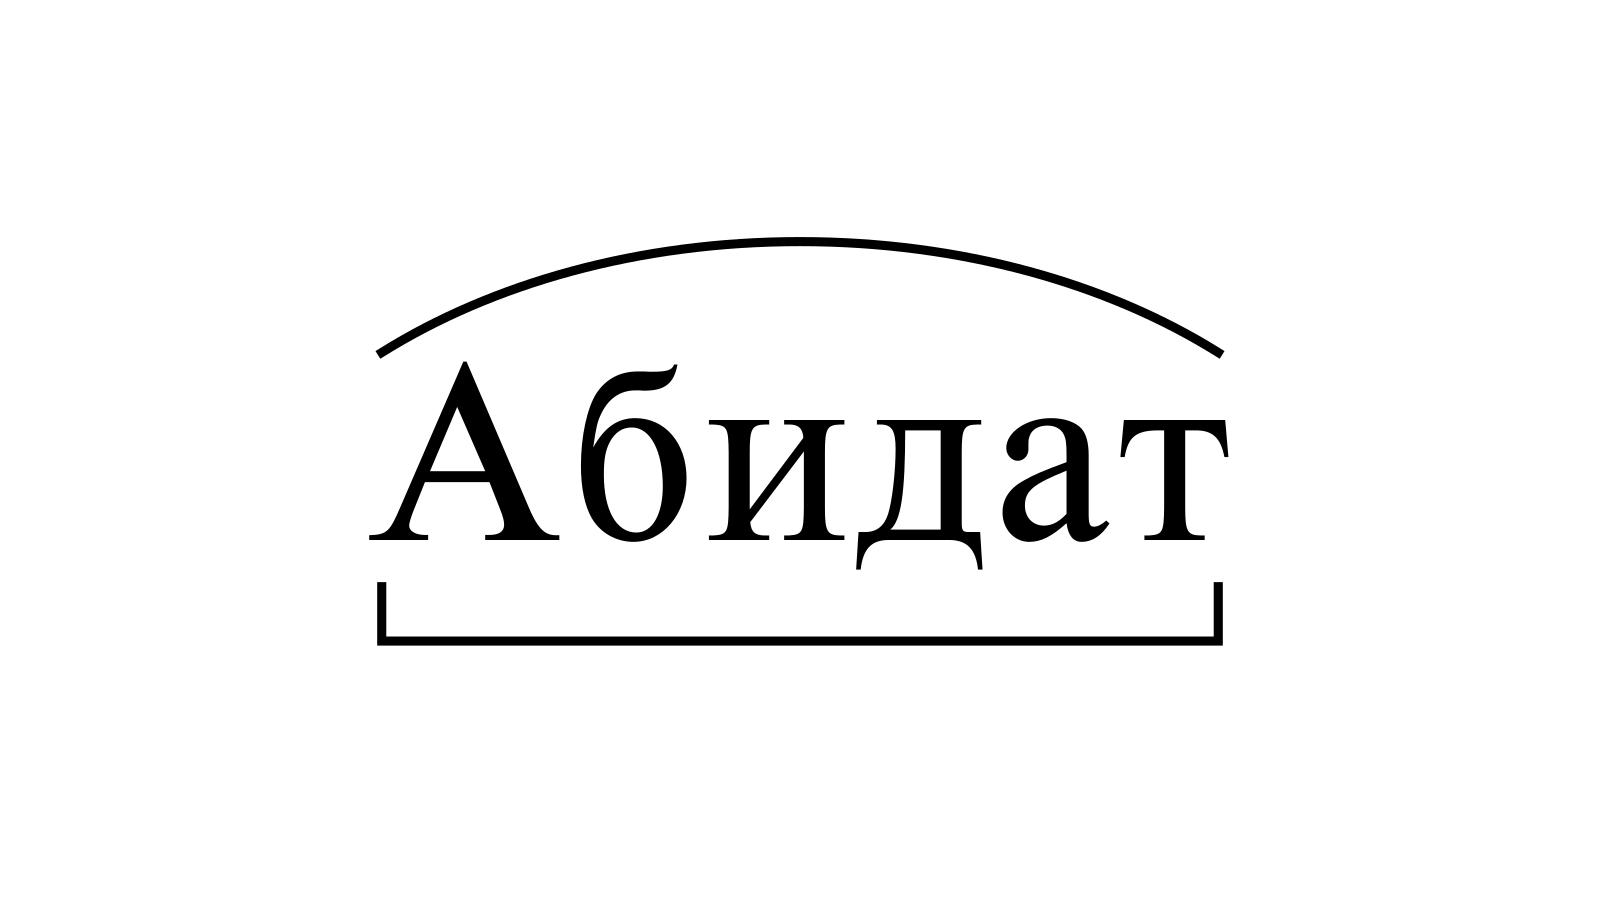 Разбор слова «Абидат» по составу